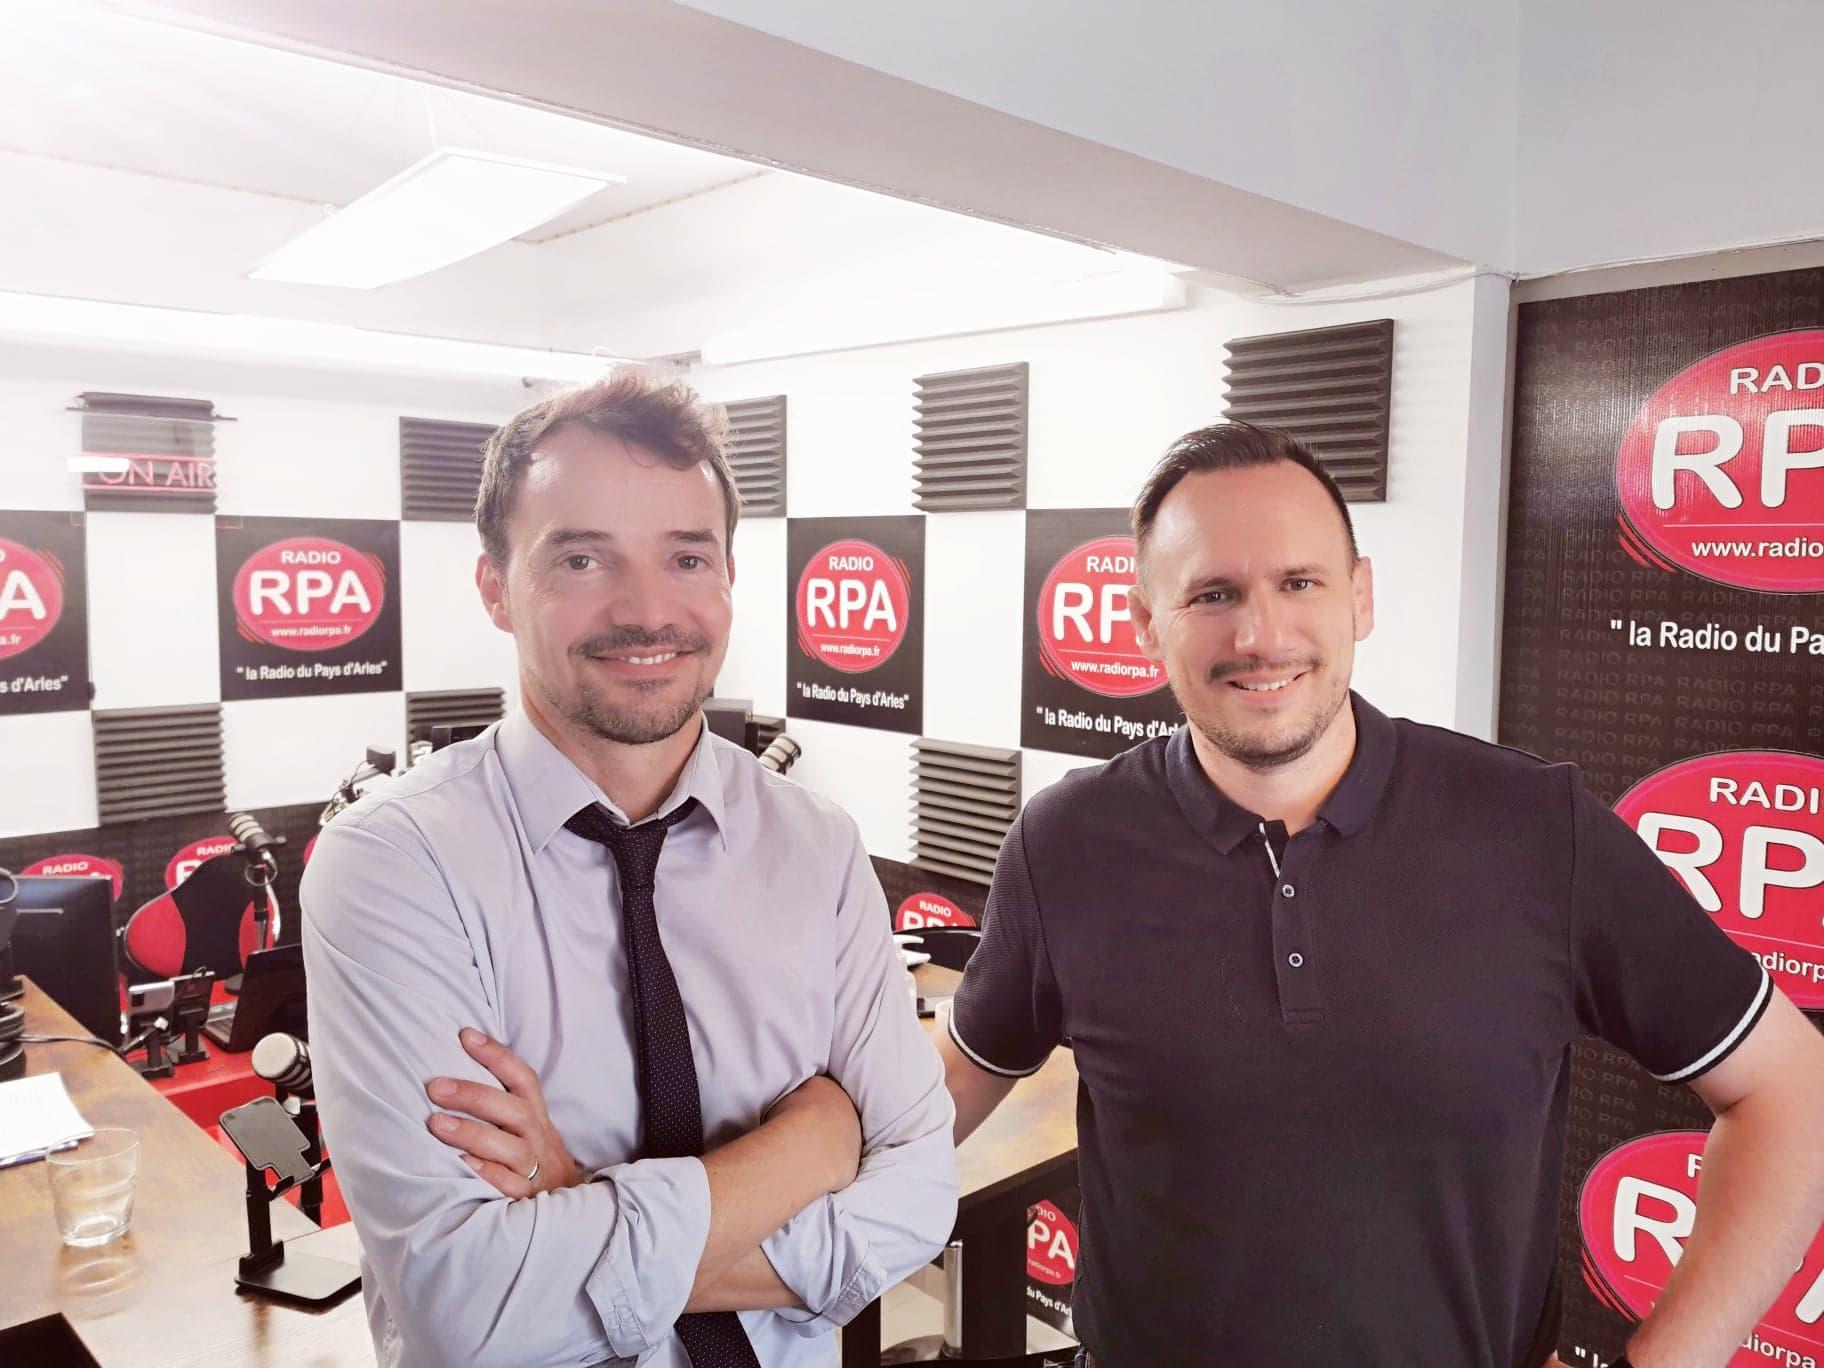 La ville d'Arles obtient le Label Campus Connecté - Présentation et explications avec Frédéric Imbert et Sylvère Bastien sur RPA